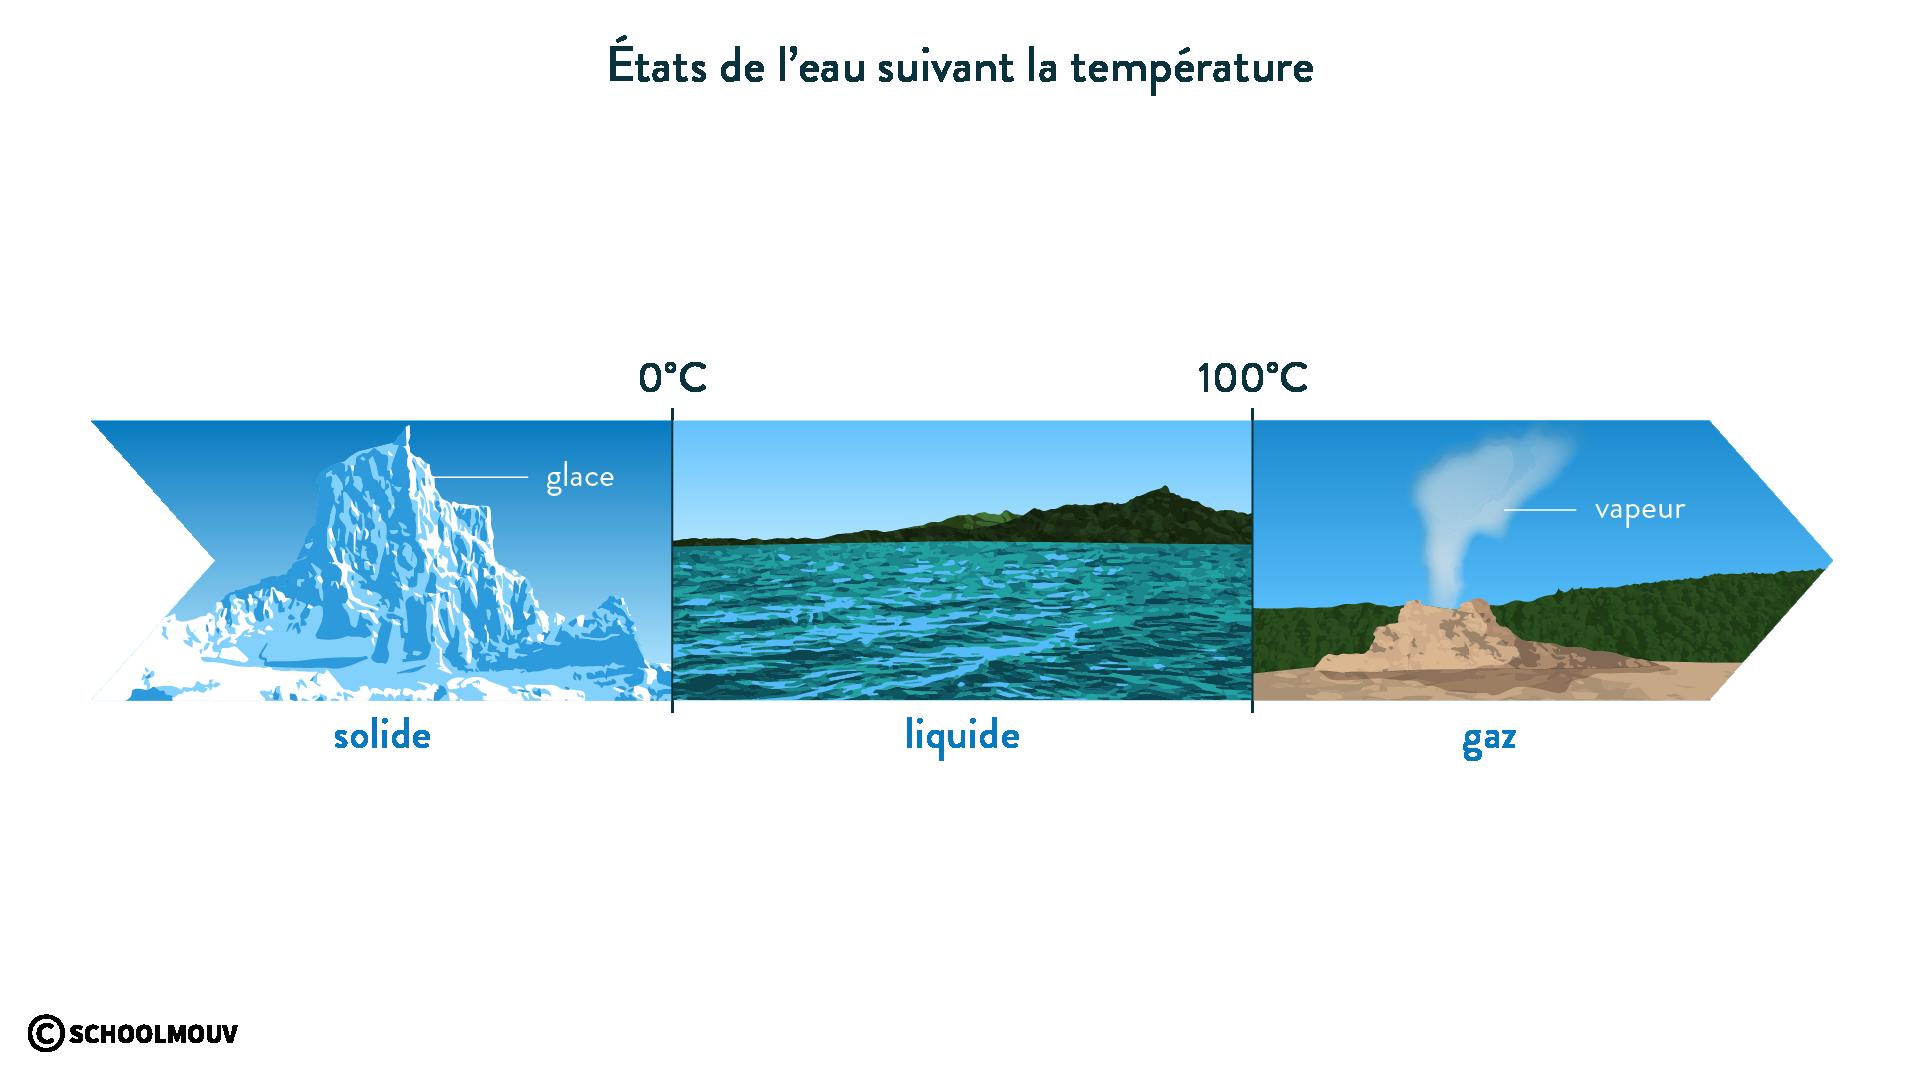 États de l'eau suivant la température-svt-6e-schoolmouv